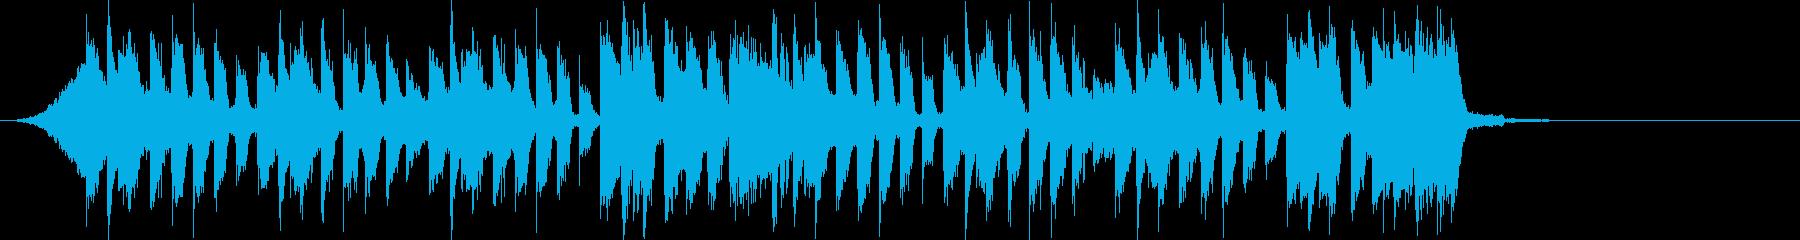 元気キッズピコピコキャッチー でコミカルの再生済みの波形